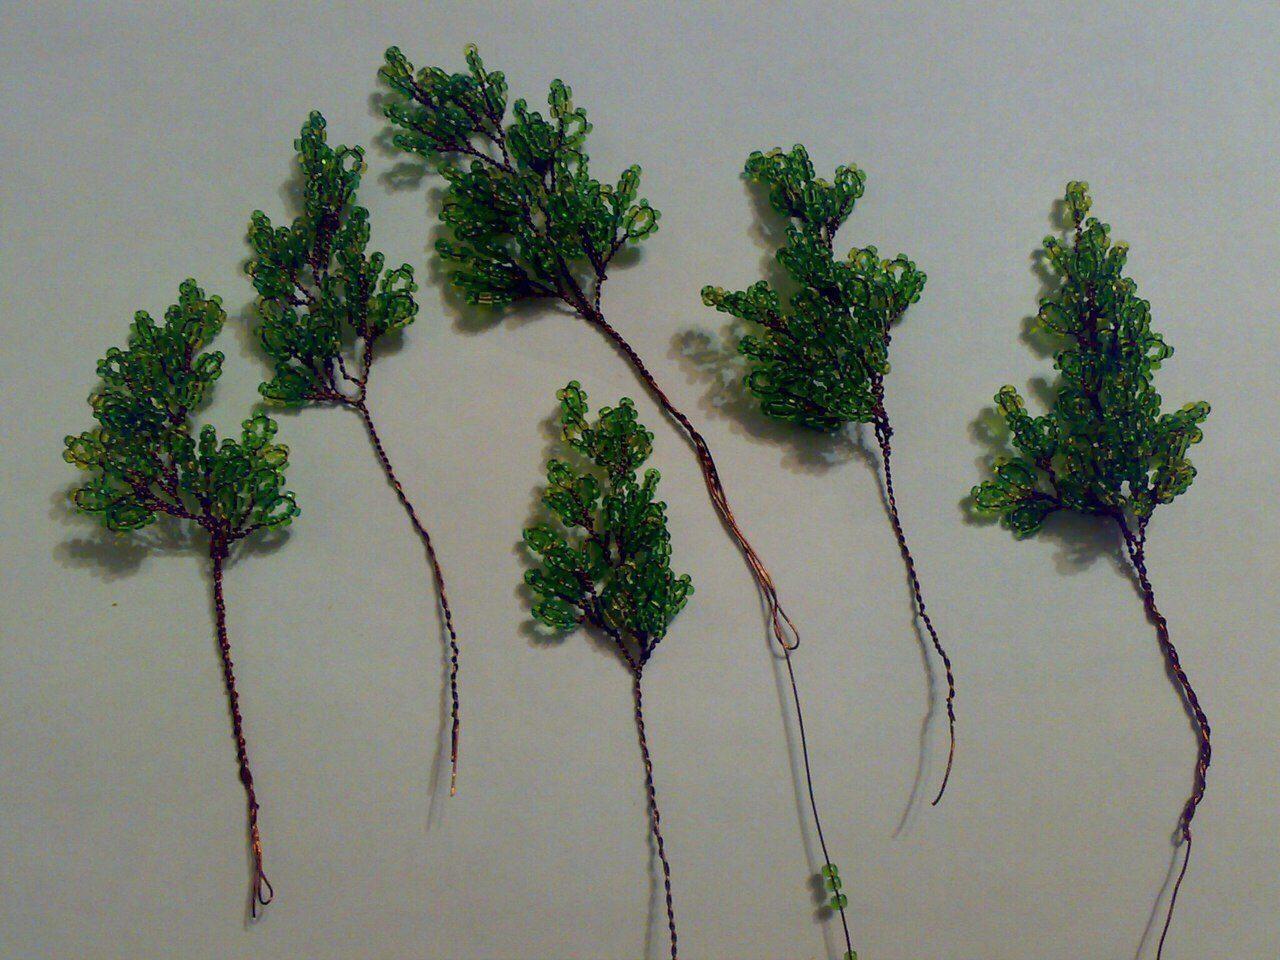 Деревья Image?id=867746749283&t=3&plc=WEB&tkn=*_S8gwO5Q3Lx_qVp9n4OxssqDezc